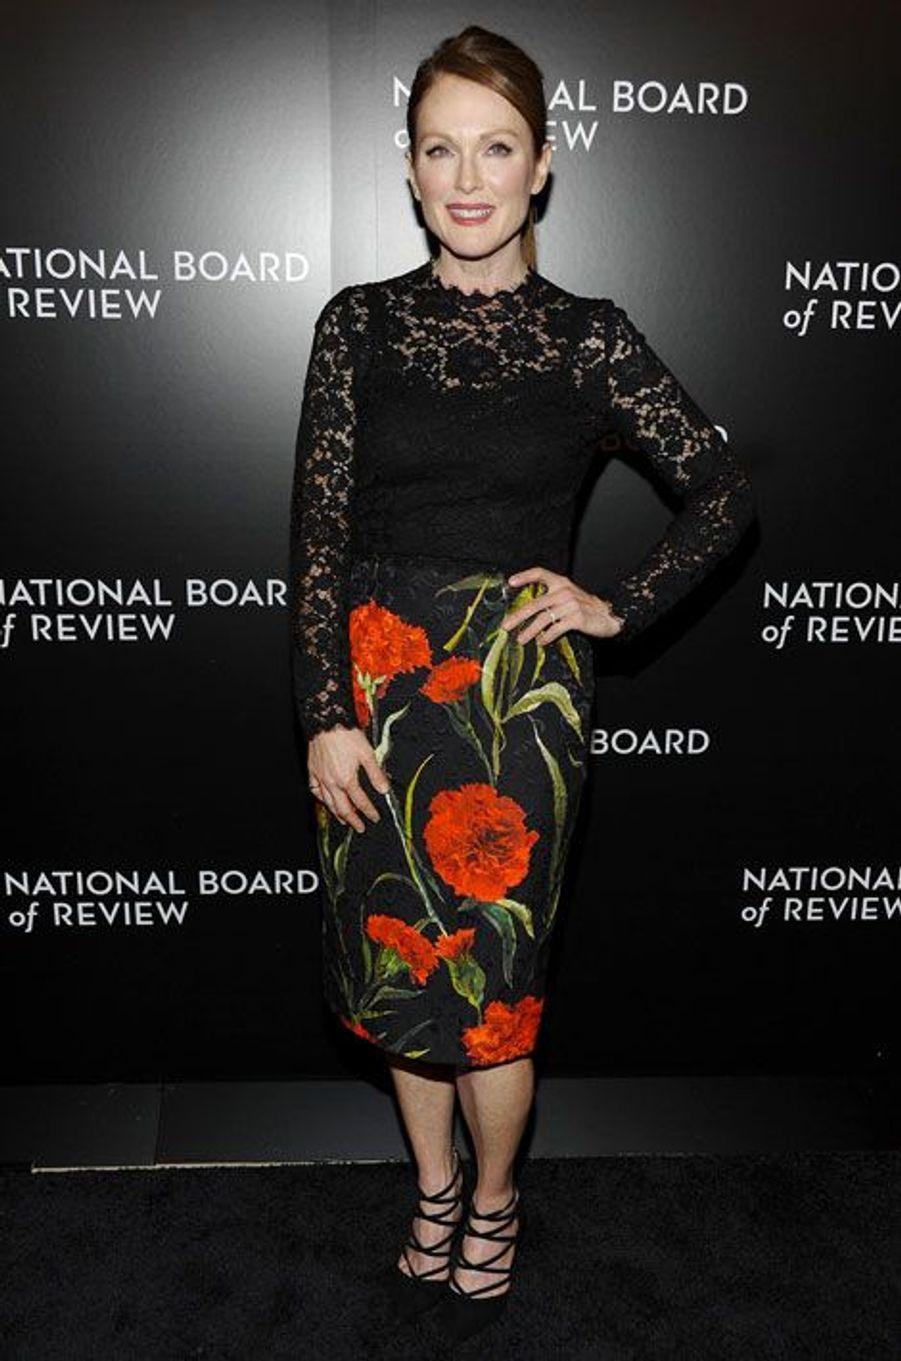 L'actrice Julianne Moore en Dolce & Gabbana pour le gala des National Board of Review à New York, le 6 janvier 2015